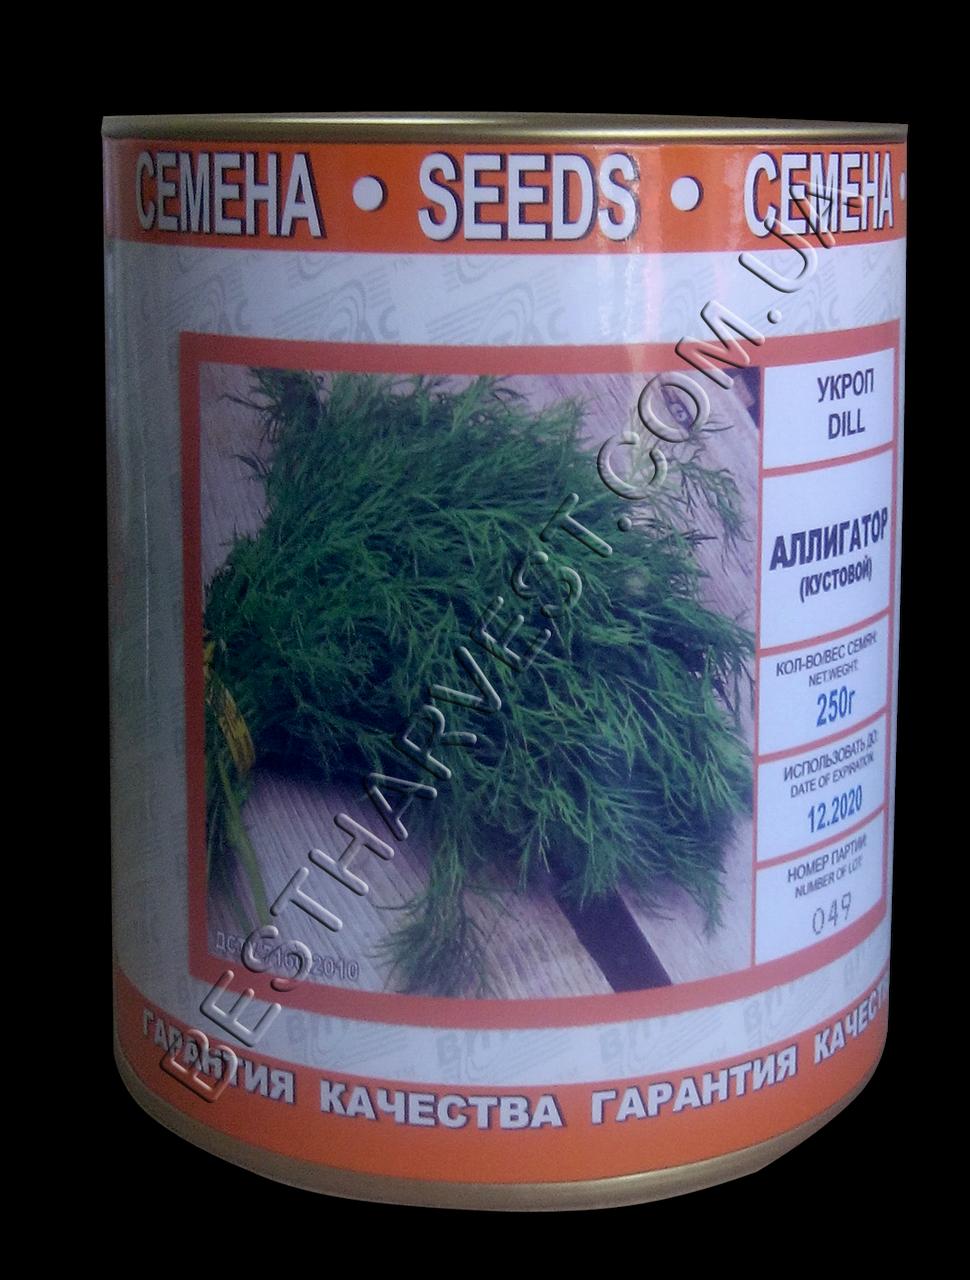 Семена укропа «Аллигатор» (кустовой) 250 г, инкрустированные (Vitas)